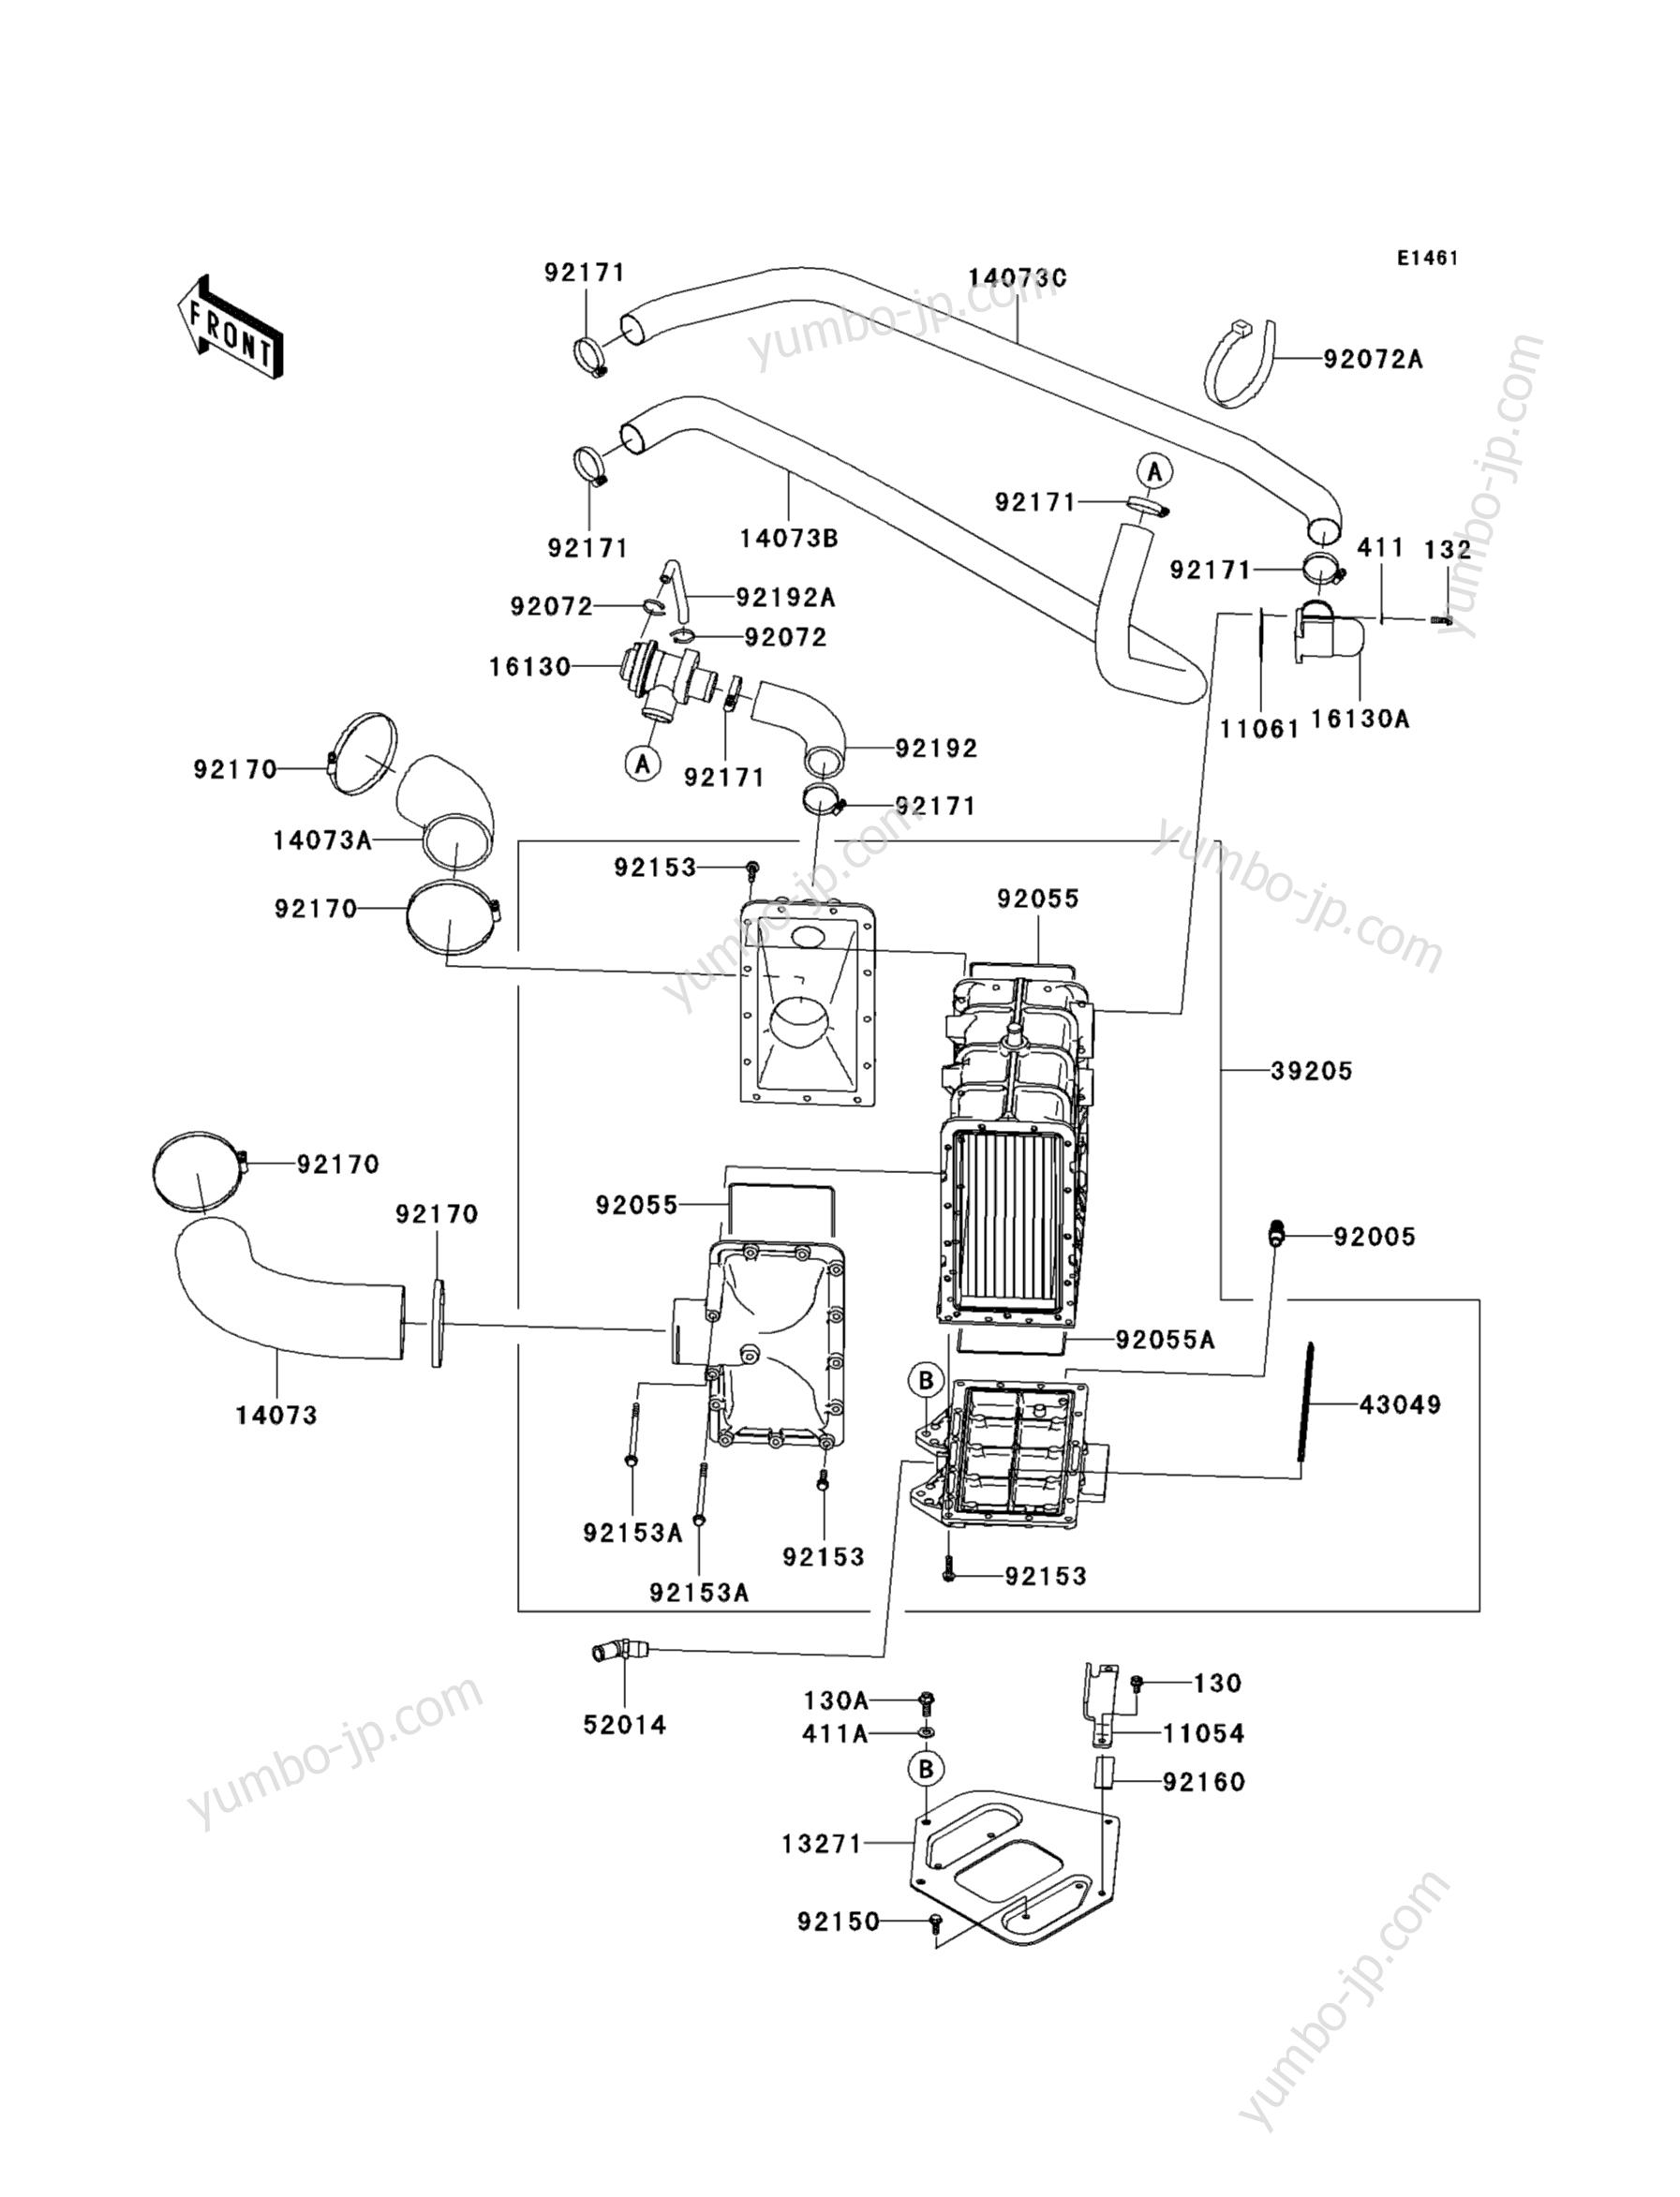 Inter Cooler для гидроциклов KAWASAKI JET SKI ULTRA 260LX (JT1500F9F) 2009 г.